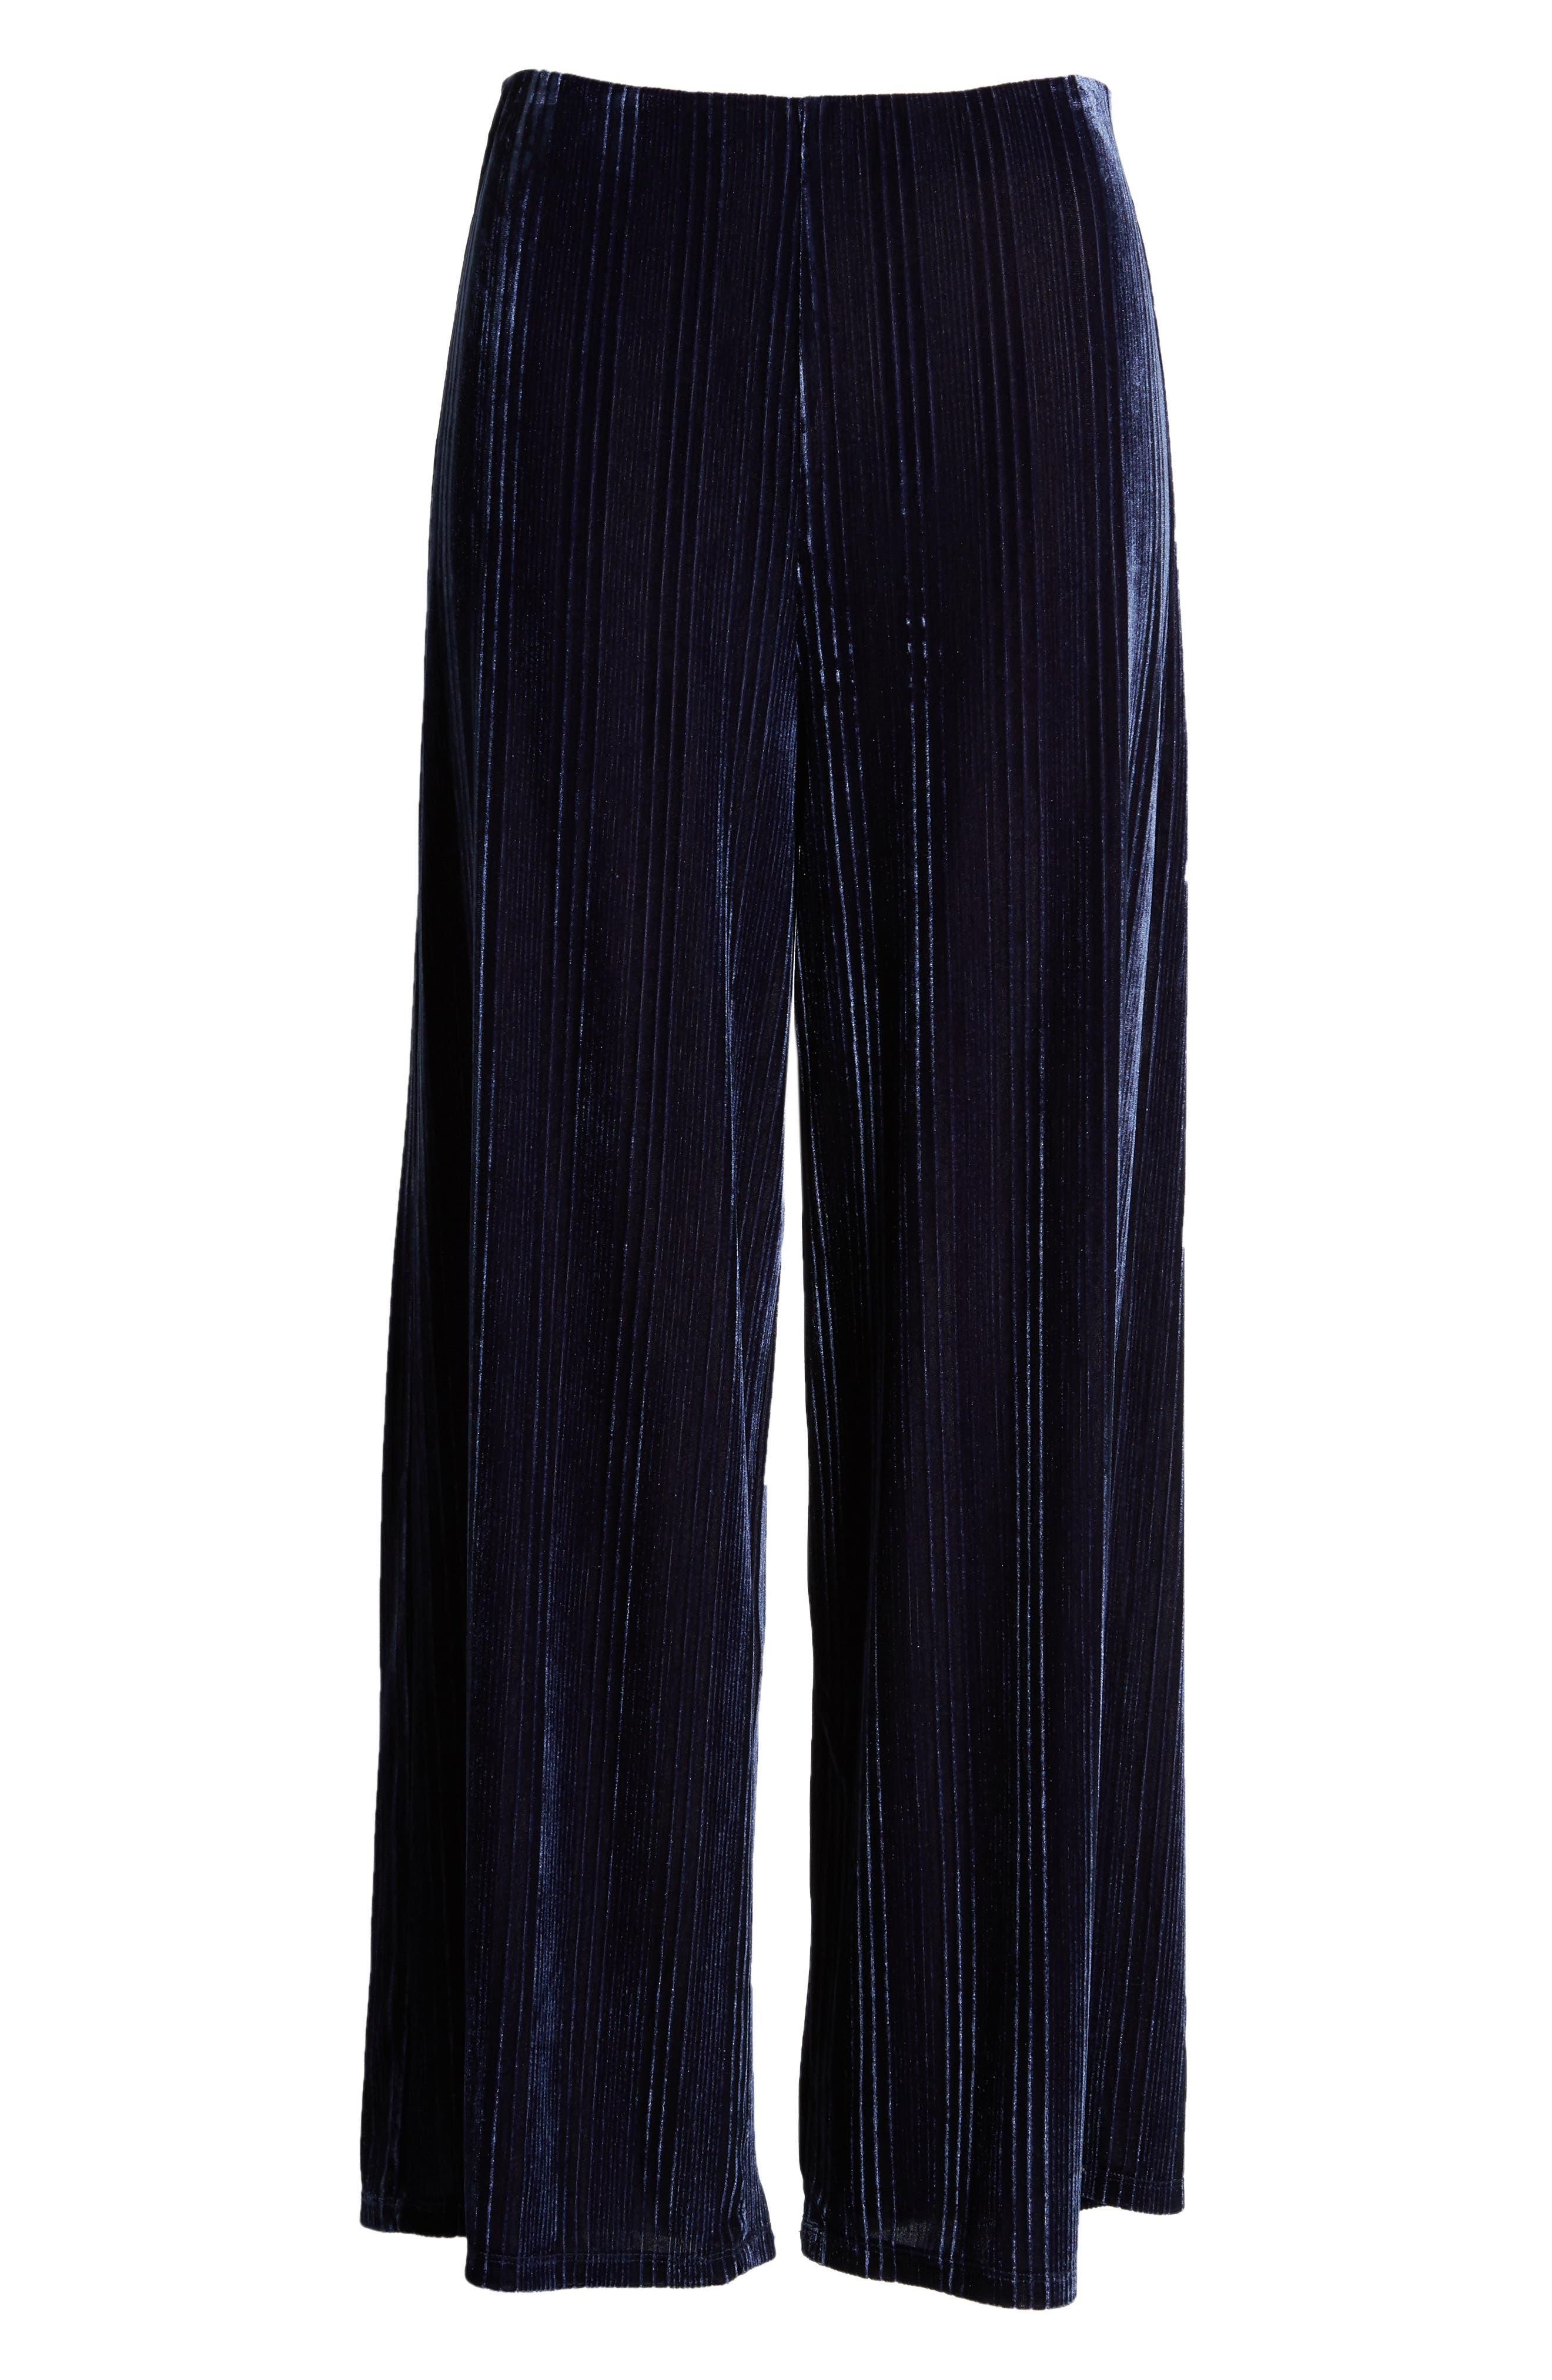 Velour Wide Leg Crop Pants,                             Alternate thumbnail 6, color,                             NAVY MARITIME